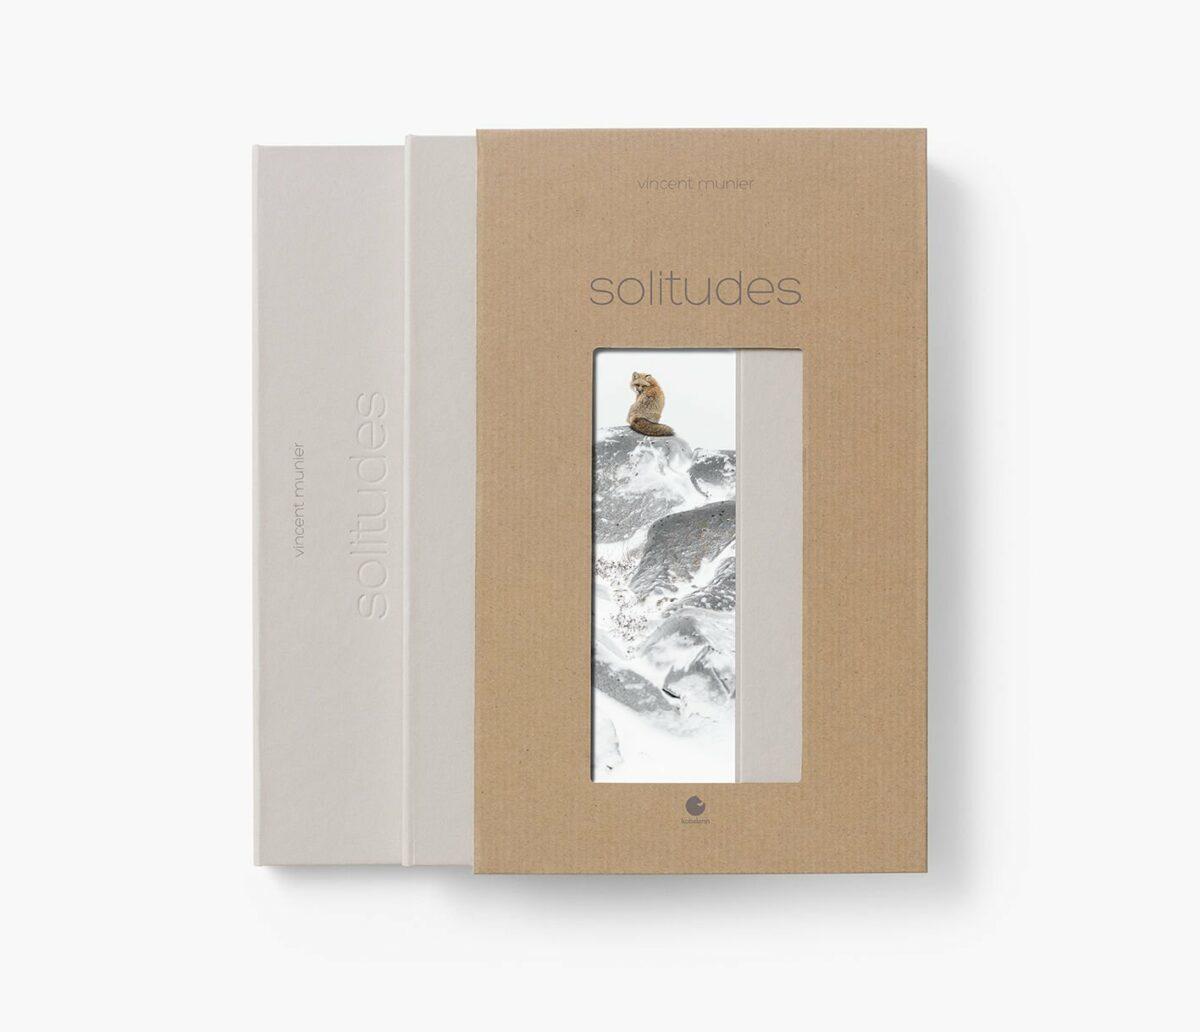 Livre_Solitudes_Vincent_Munier_2